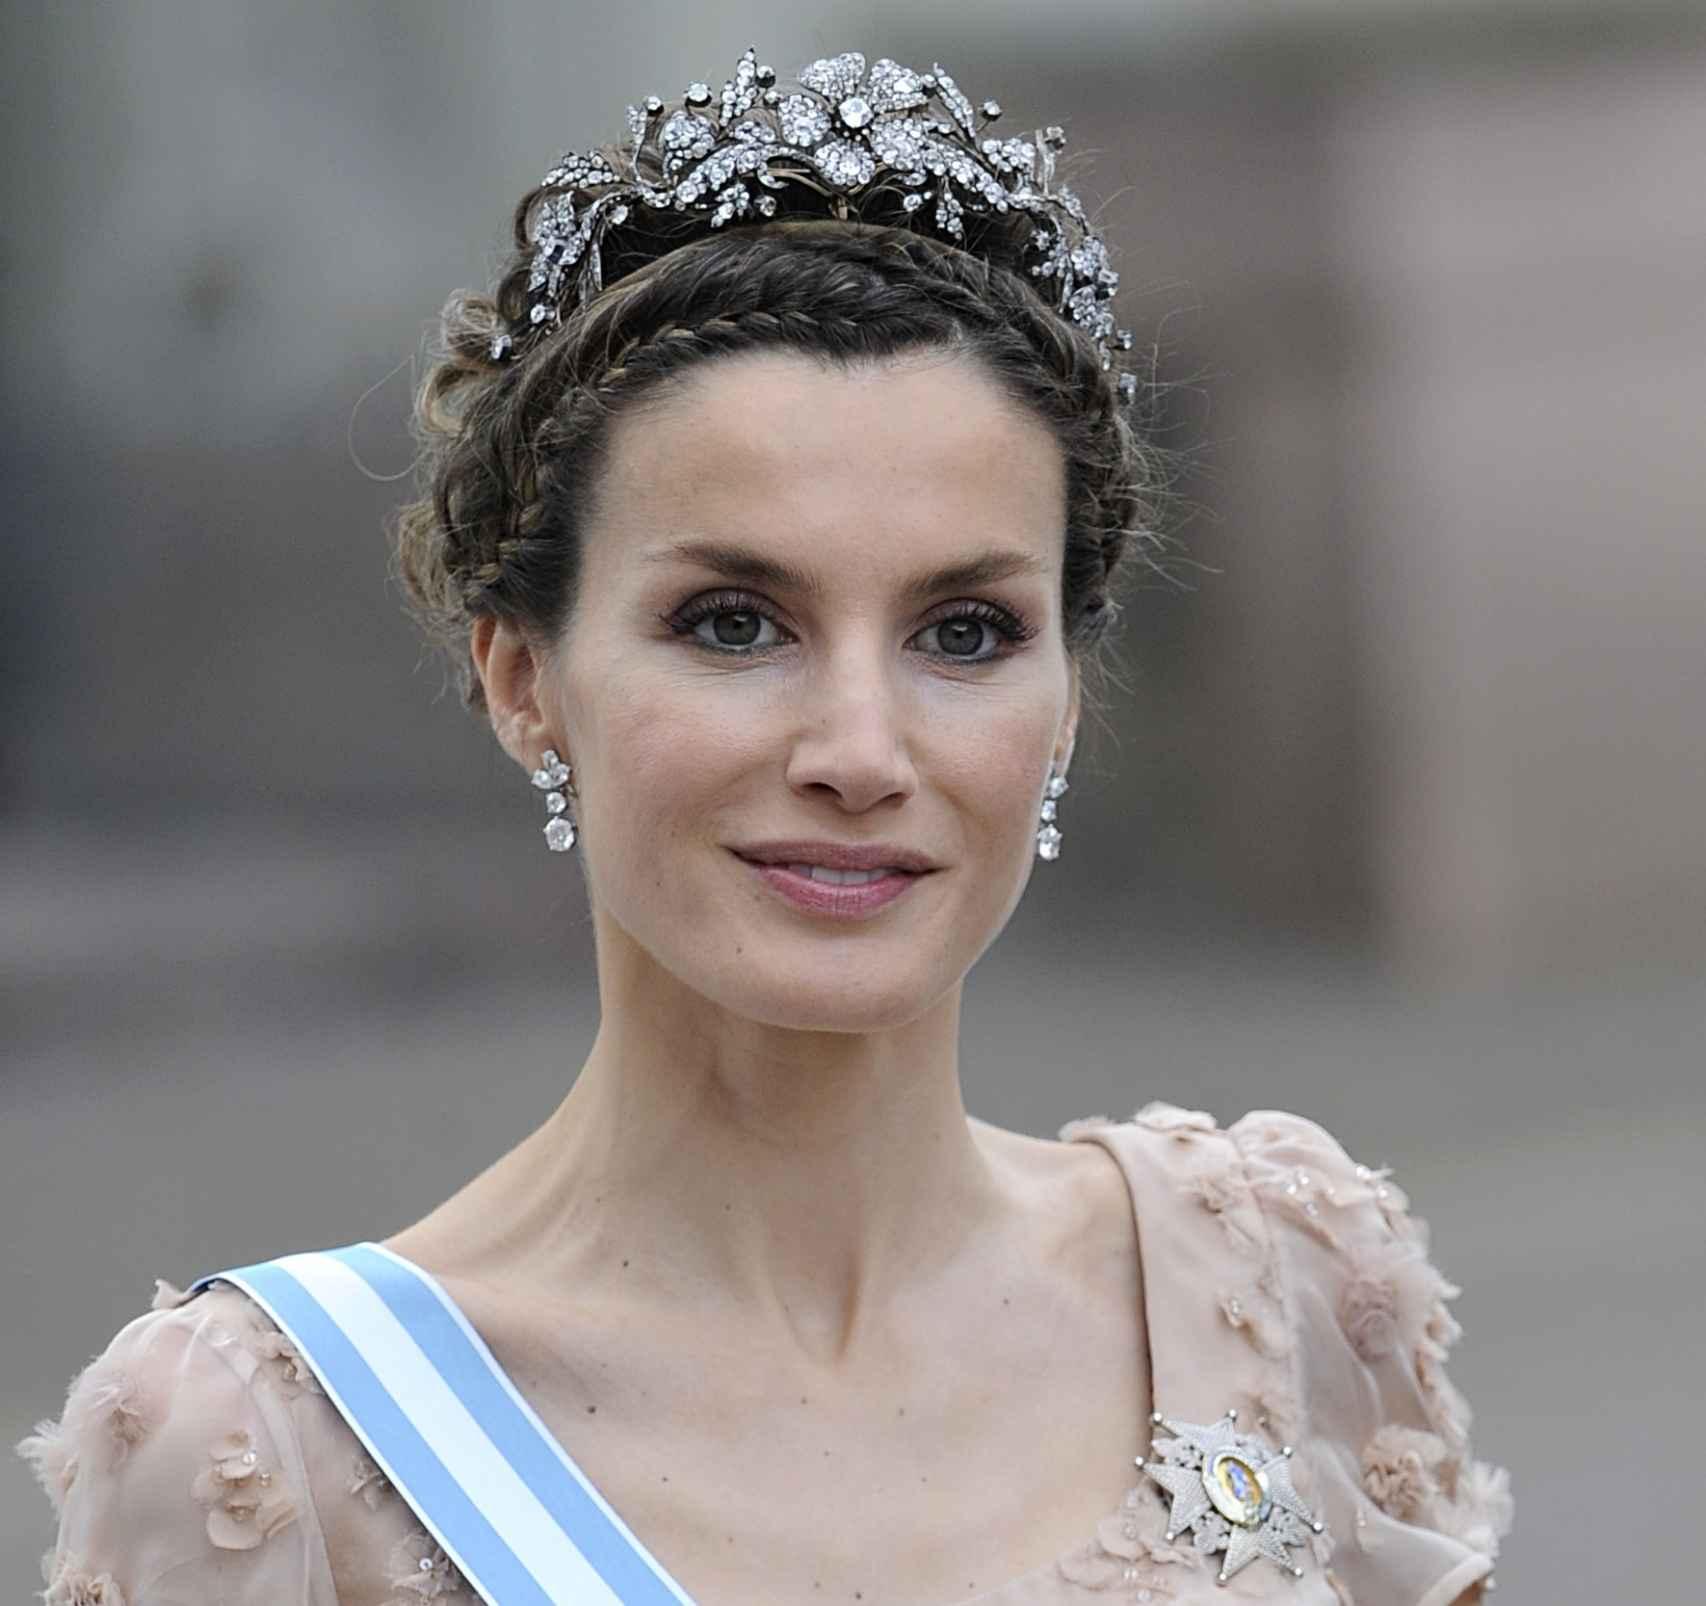 La reina con la tiara floral en la boda de Victoria de Suecia en 2010.